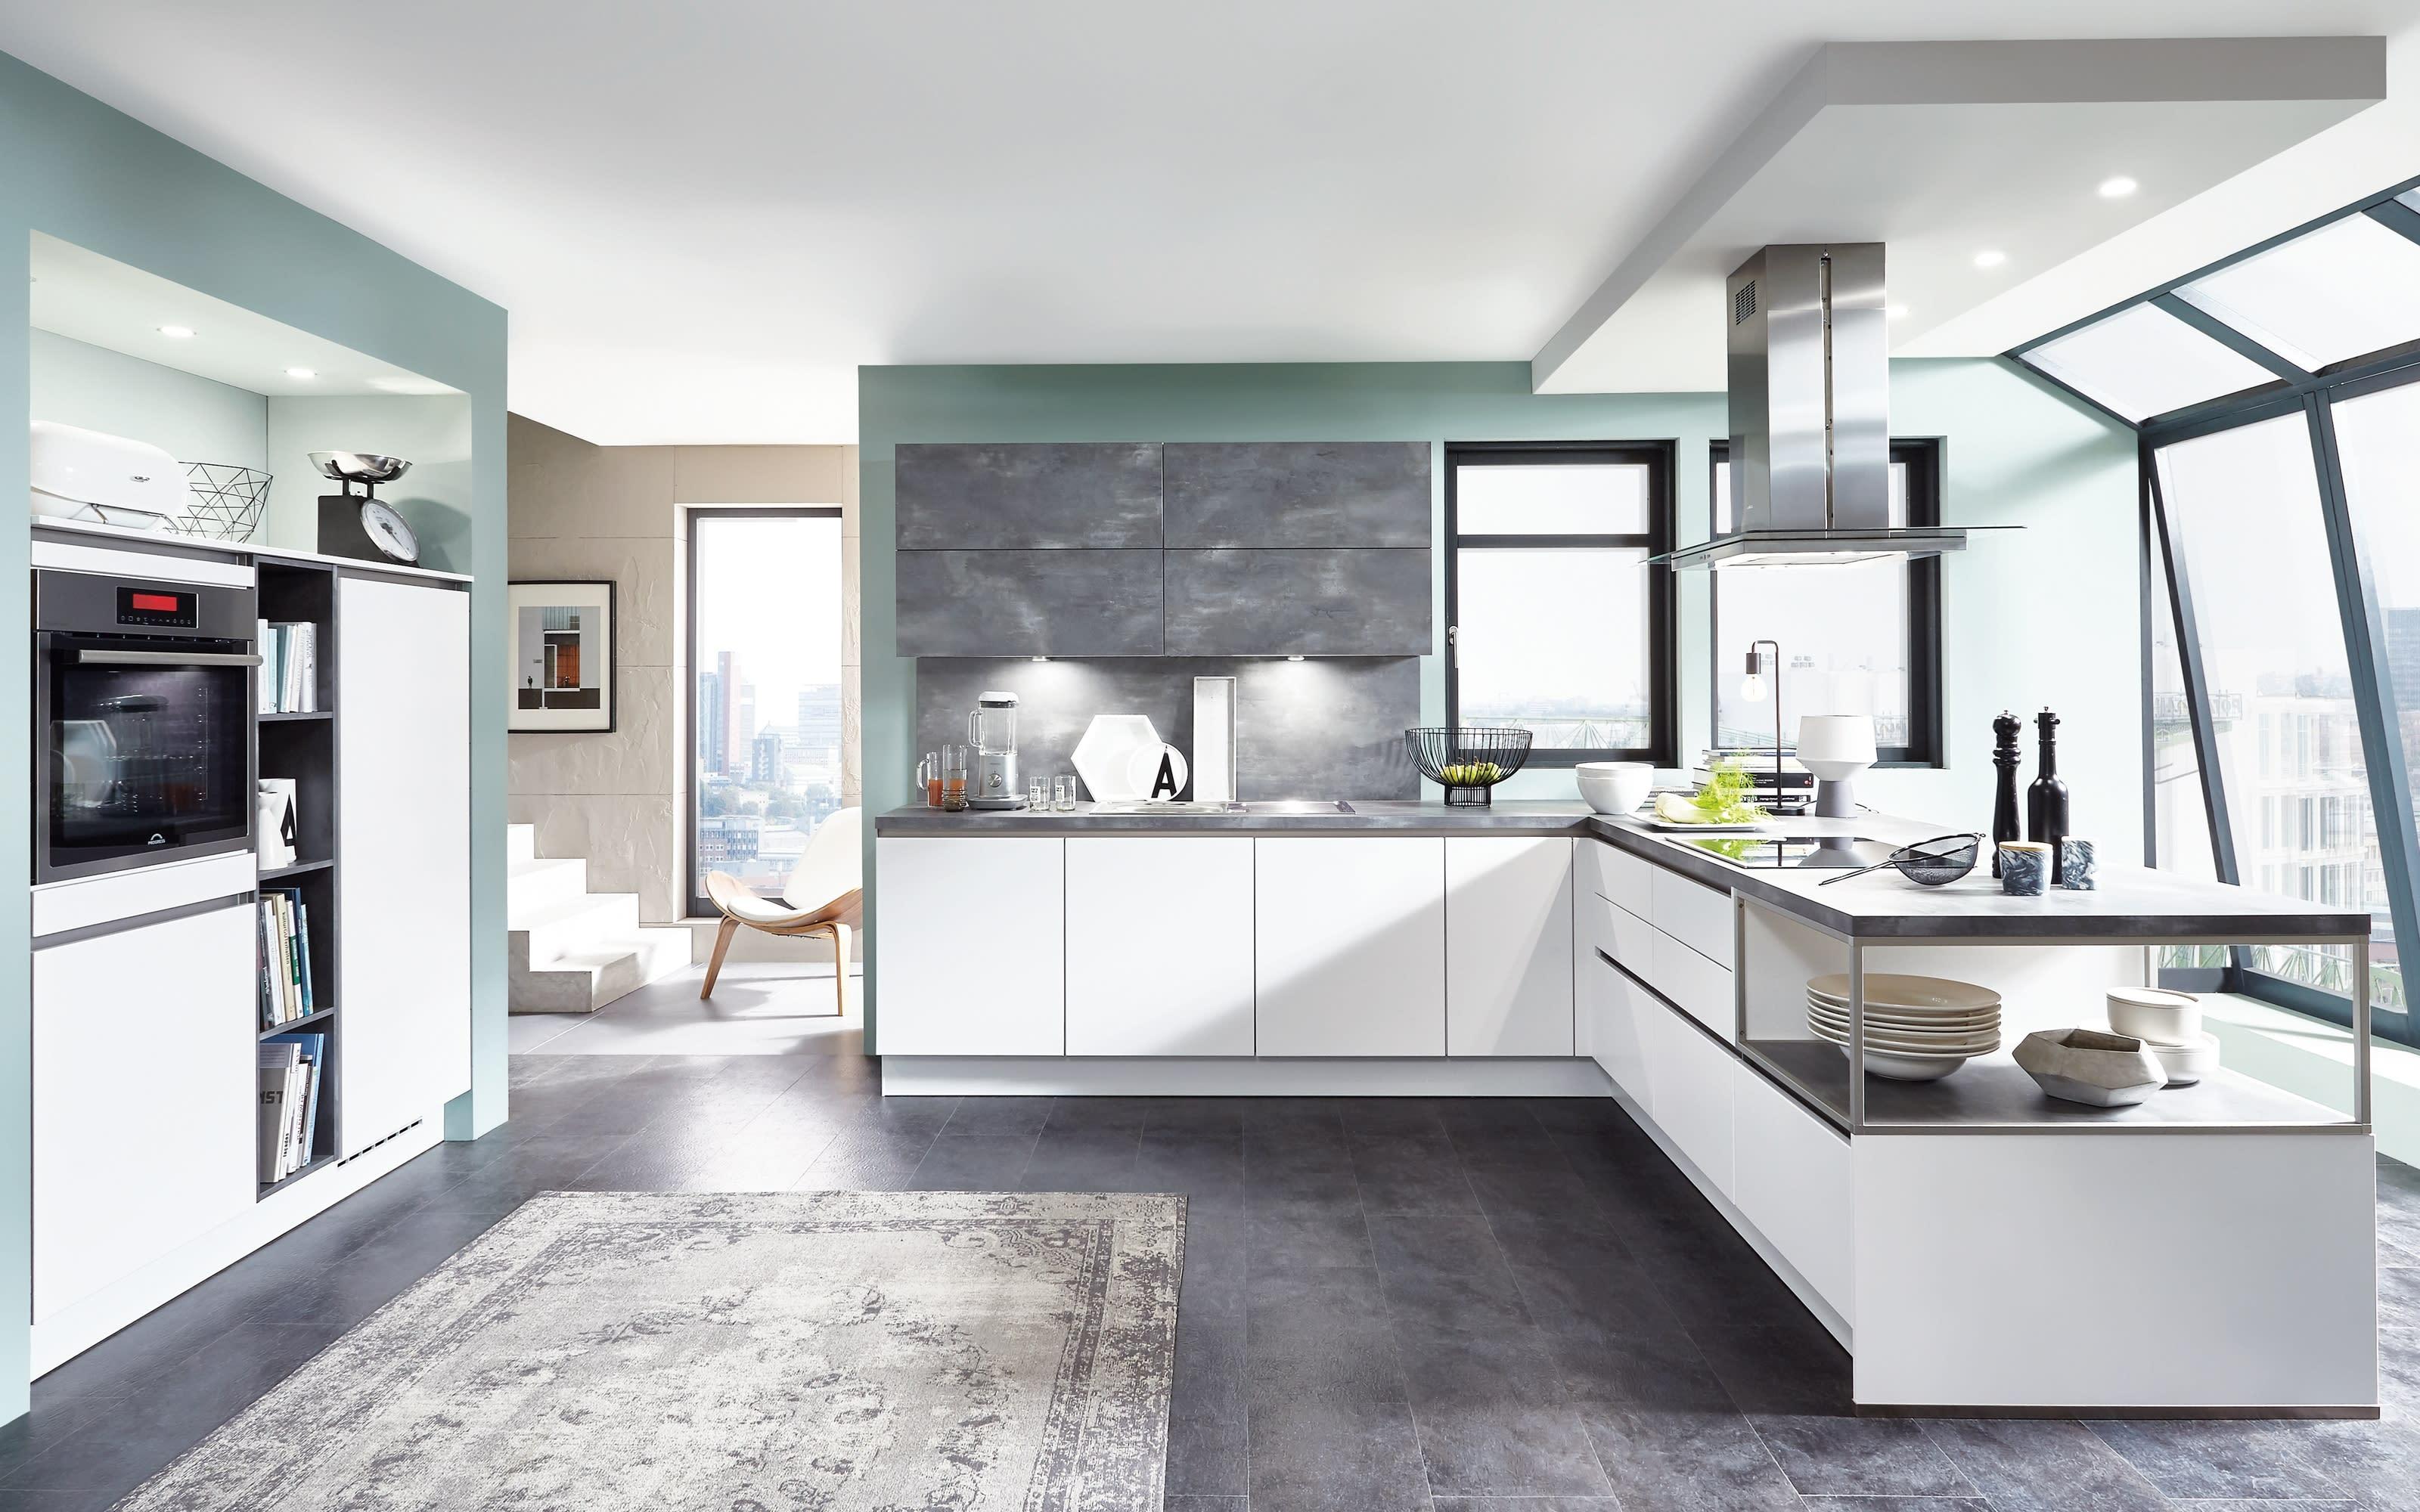 Einbauküche Fashion, alpinweiß, inklusive Elektrogeräte, inklusive Siemens-Geschirrspüler